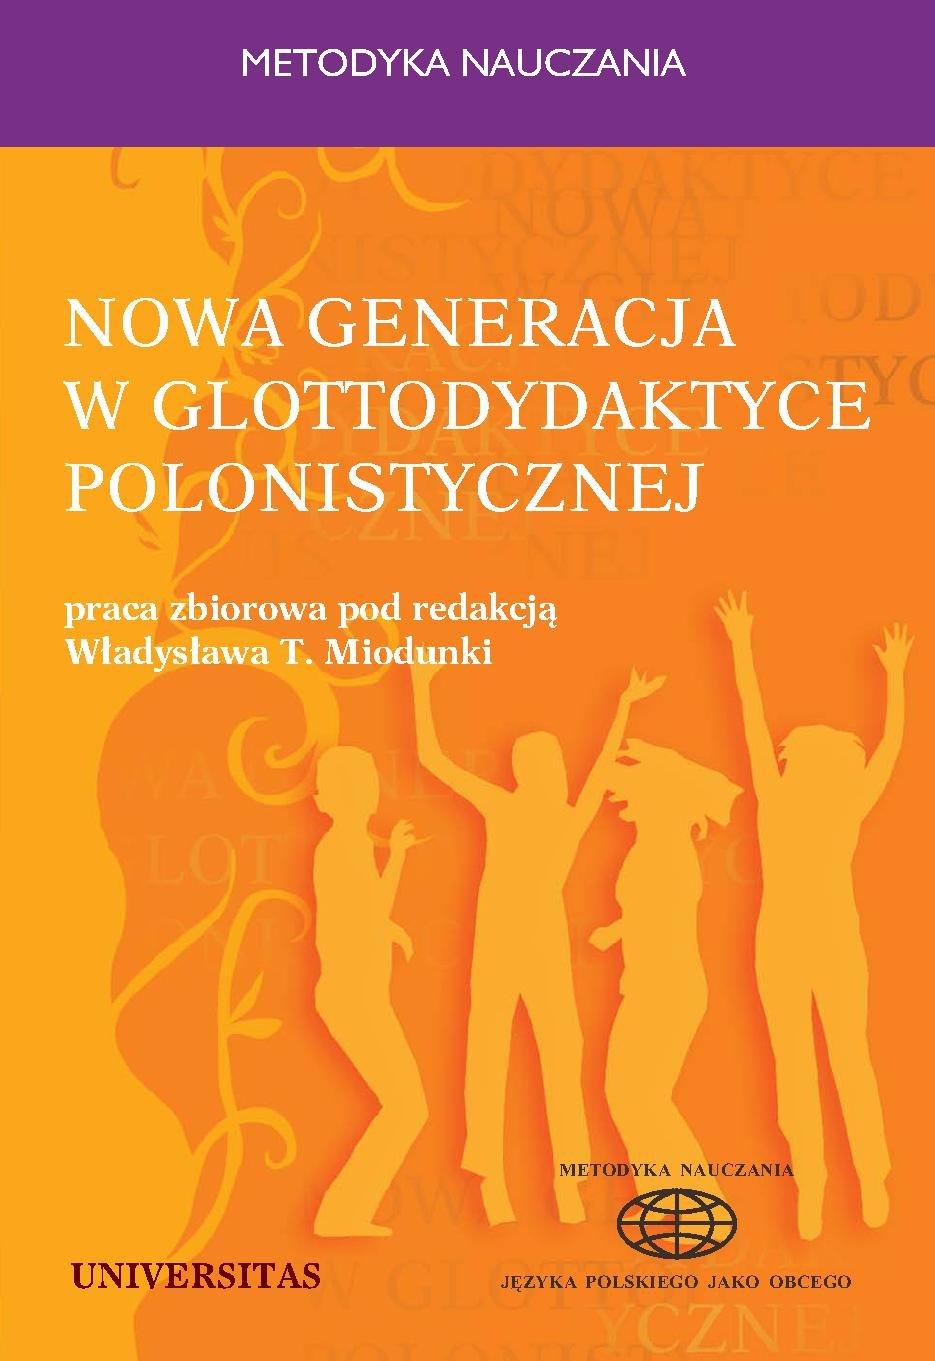 Nowa generacja w glottodydaktyce polonistycznej - Ebook (Książka PDF) do pobrania w formacie PDF